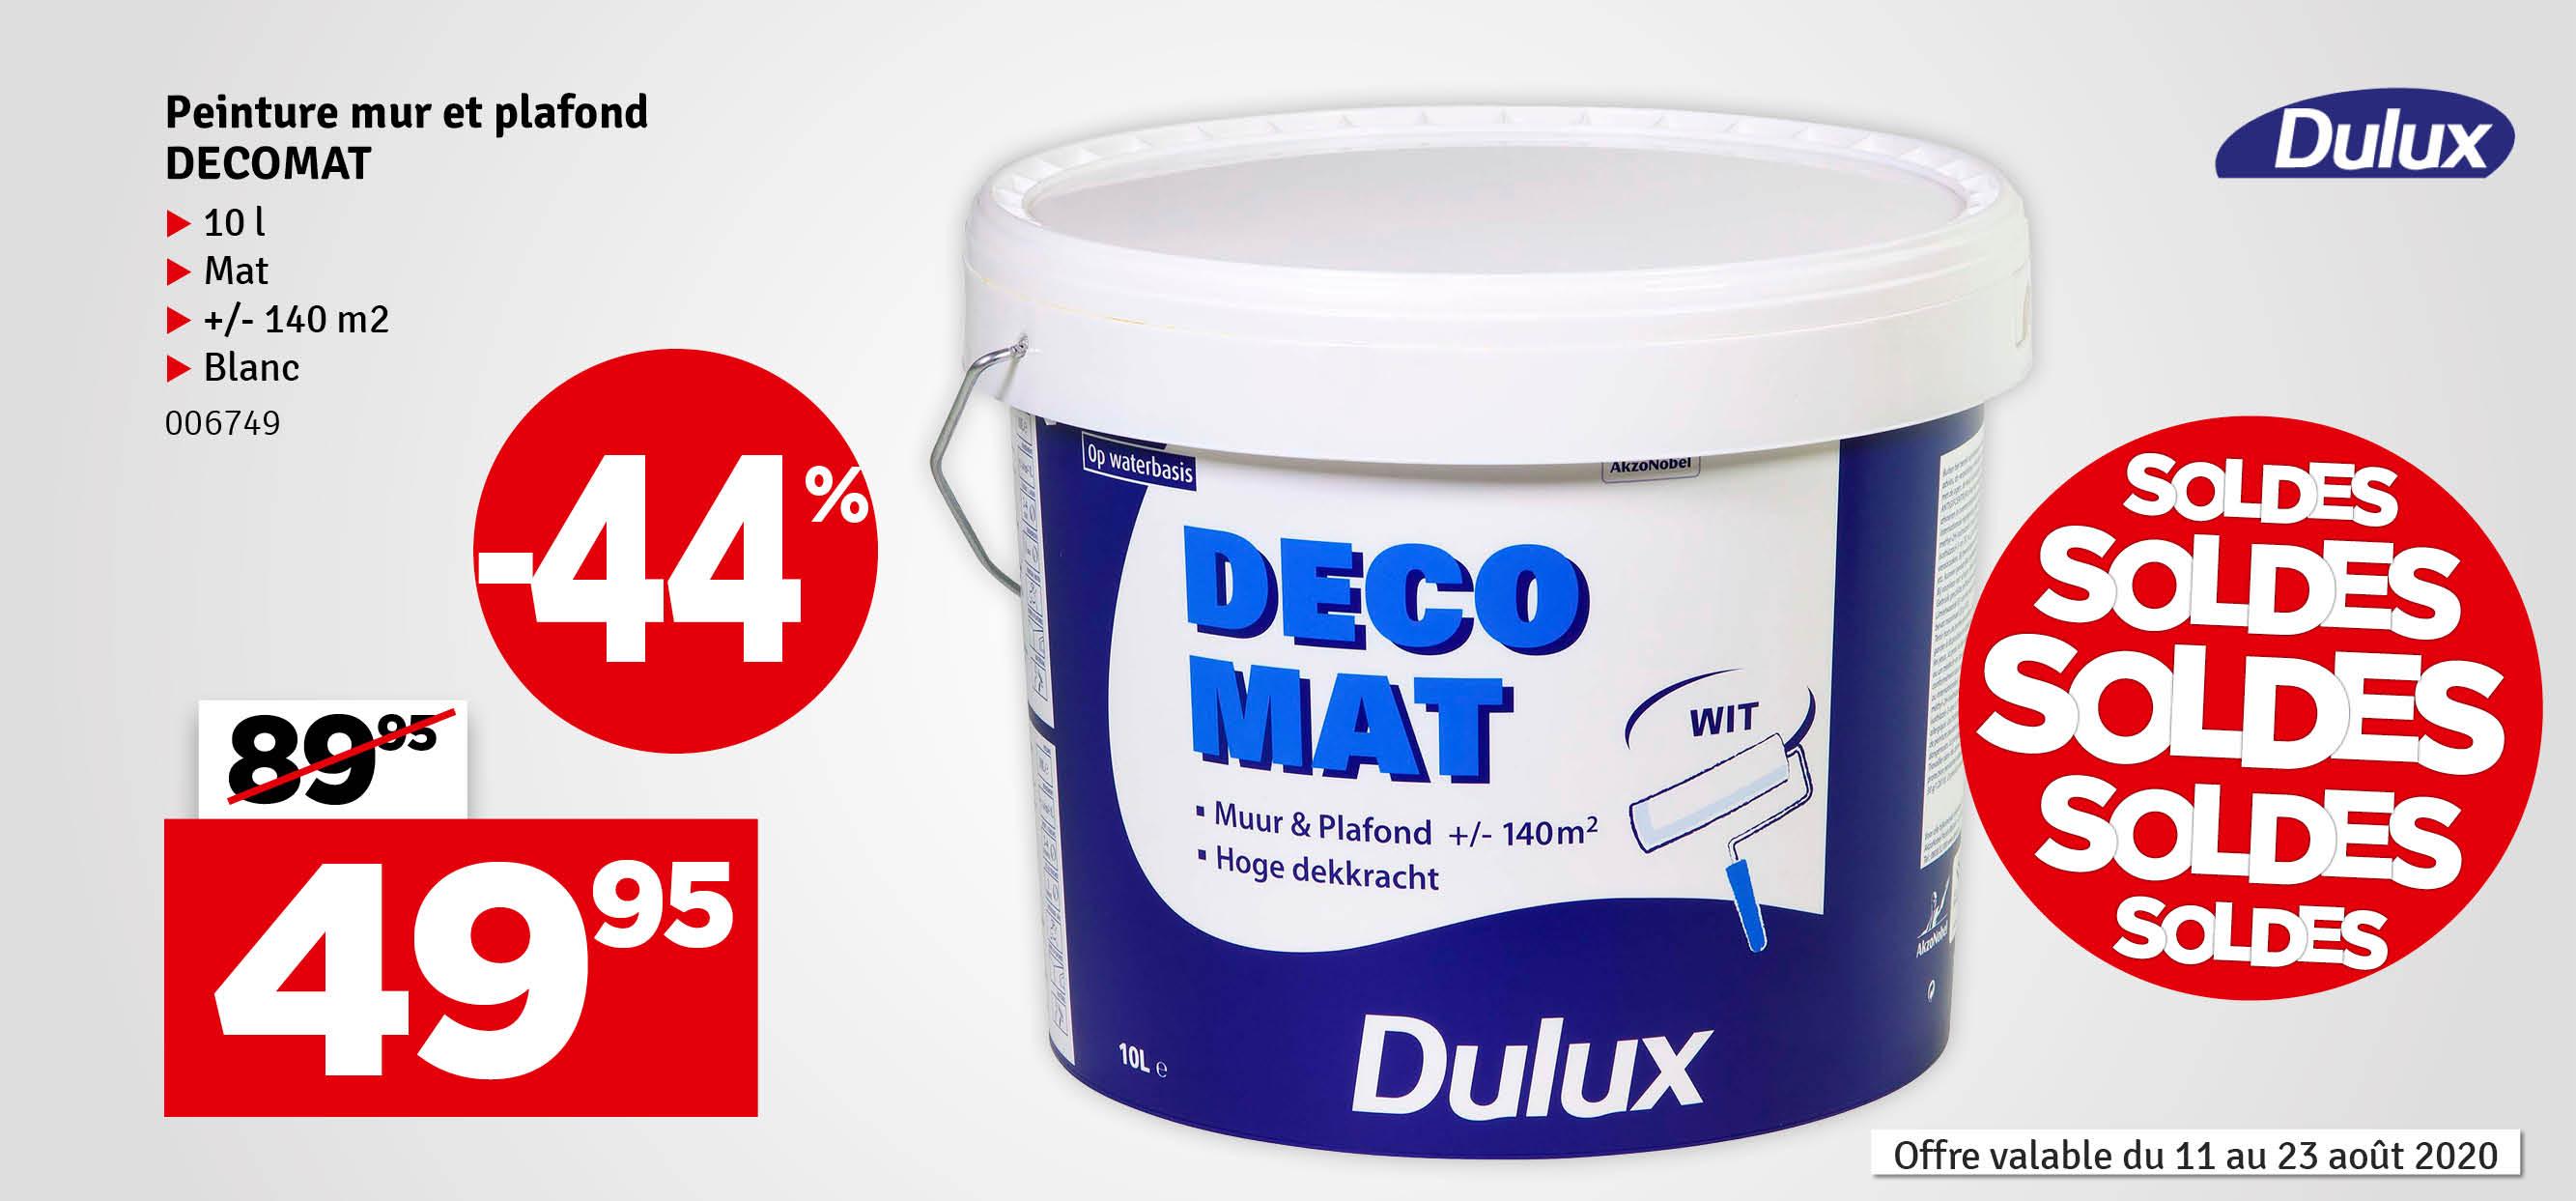 Promo - Peinture pour mur et plafond Decomat blanche mate 10 L DULUX